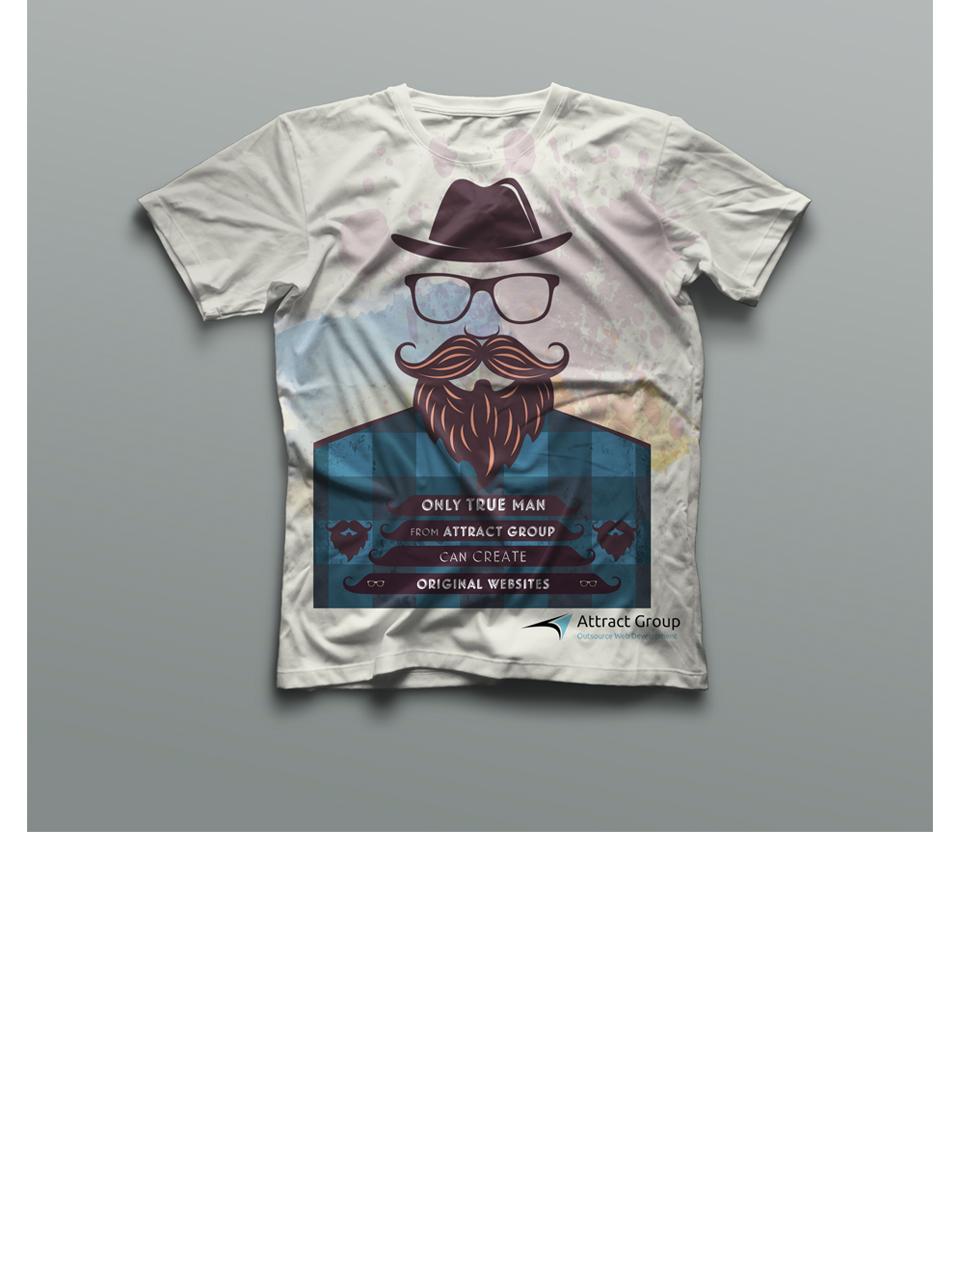 Принт для корпоративной футболки IT компании Attract Group